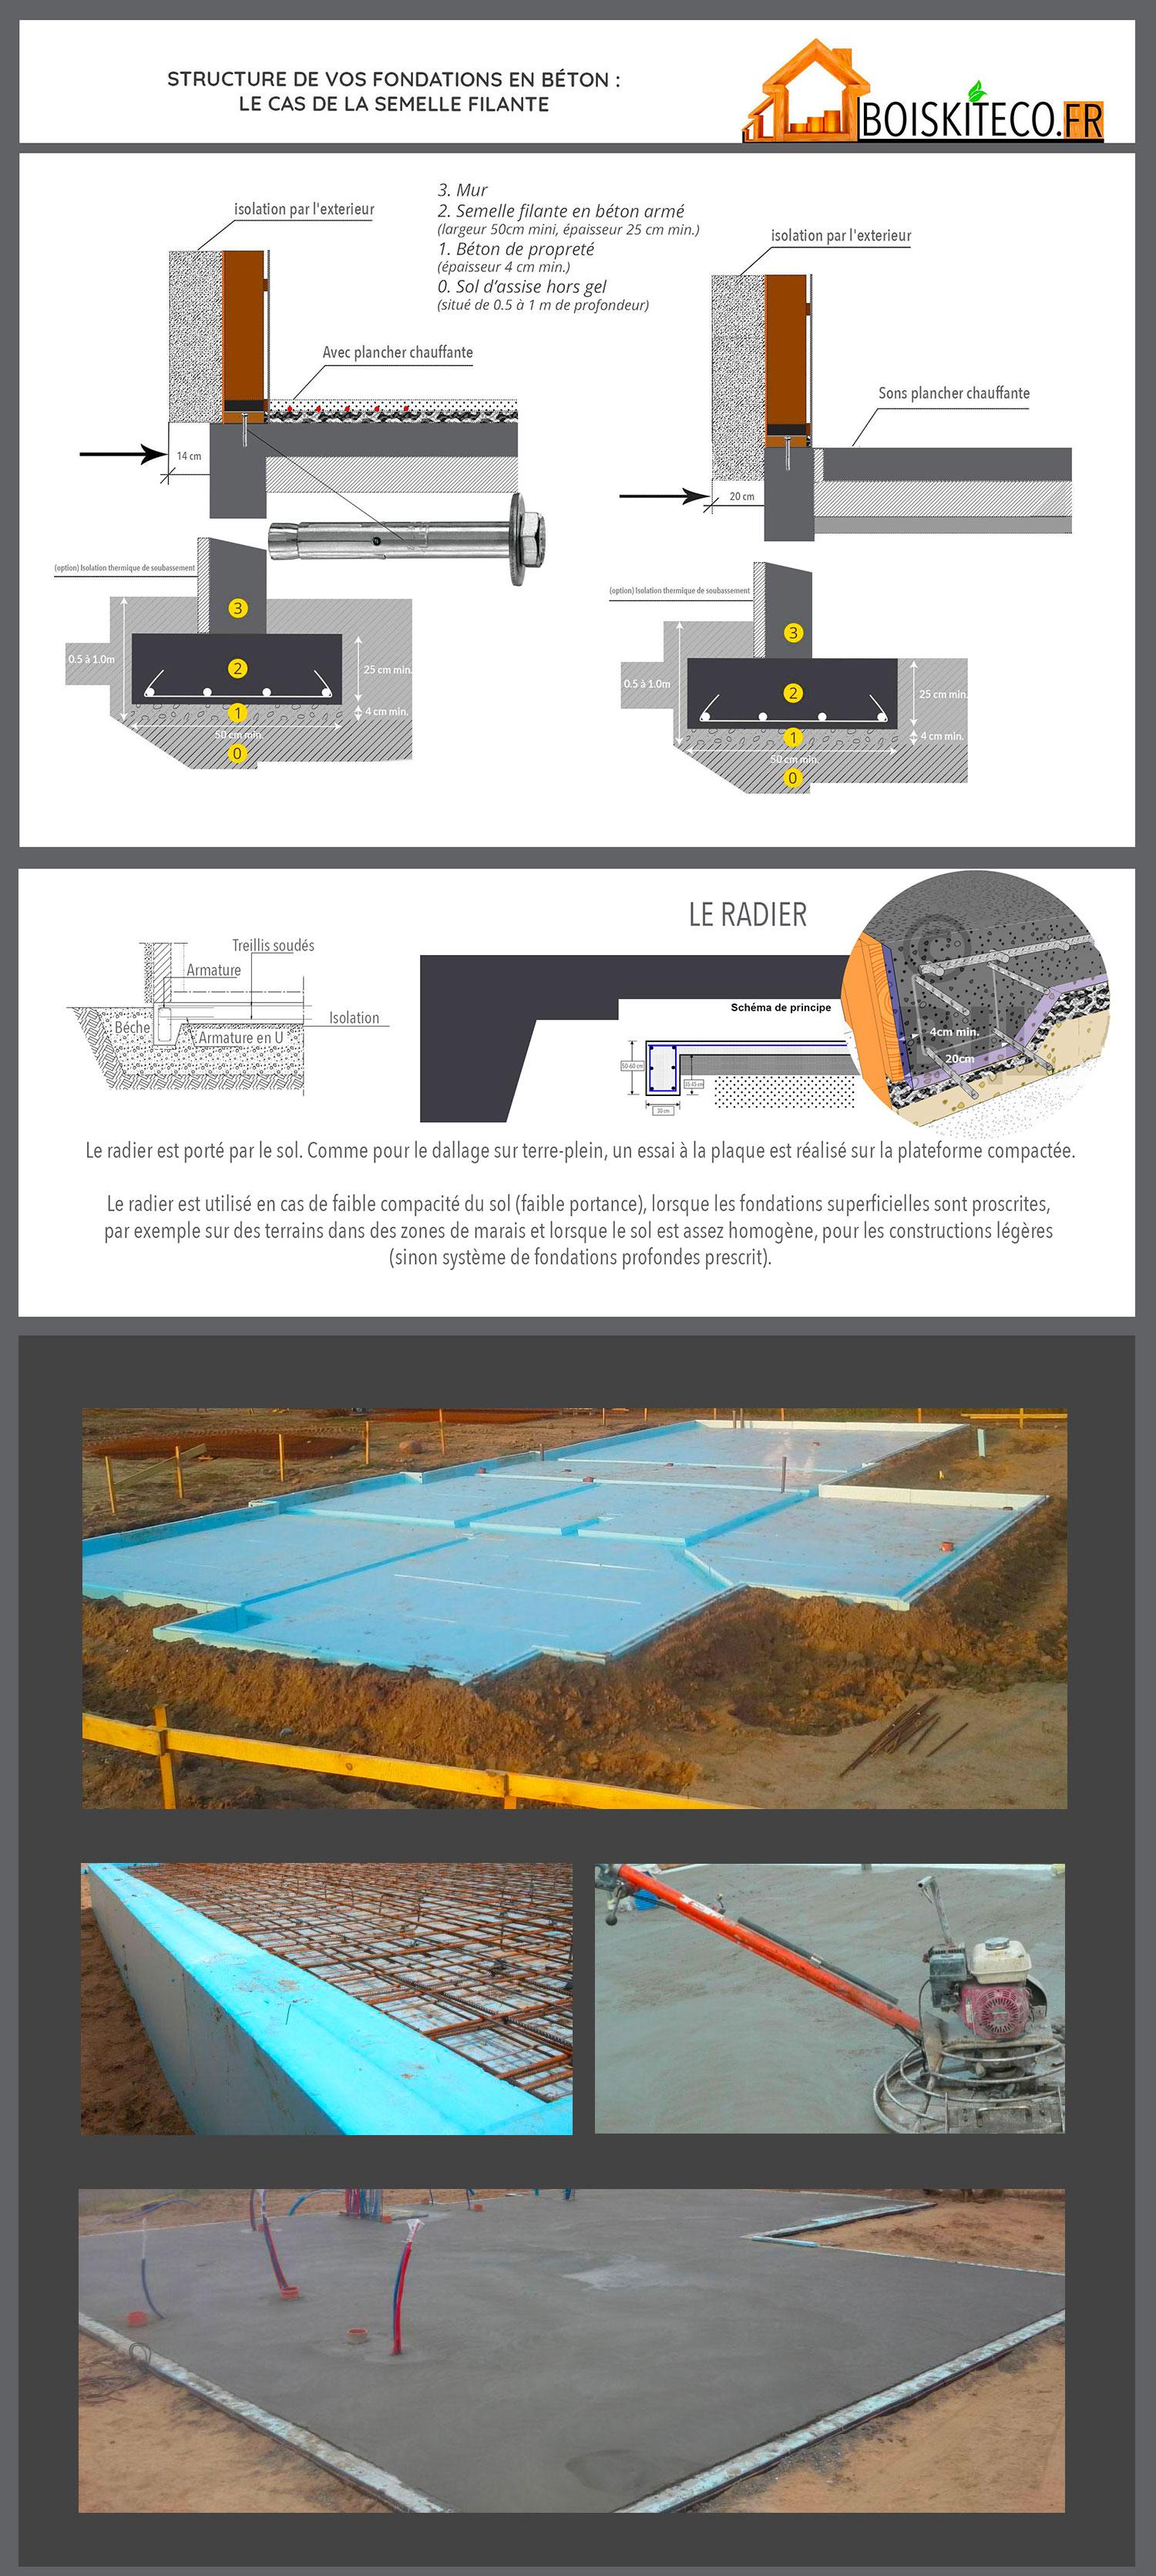 fondation dalle beton maison bois